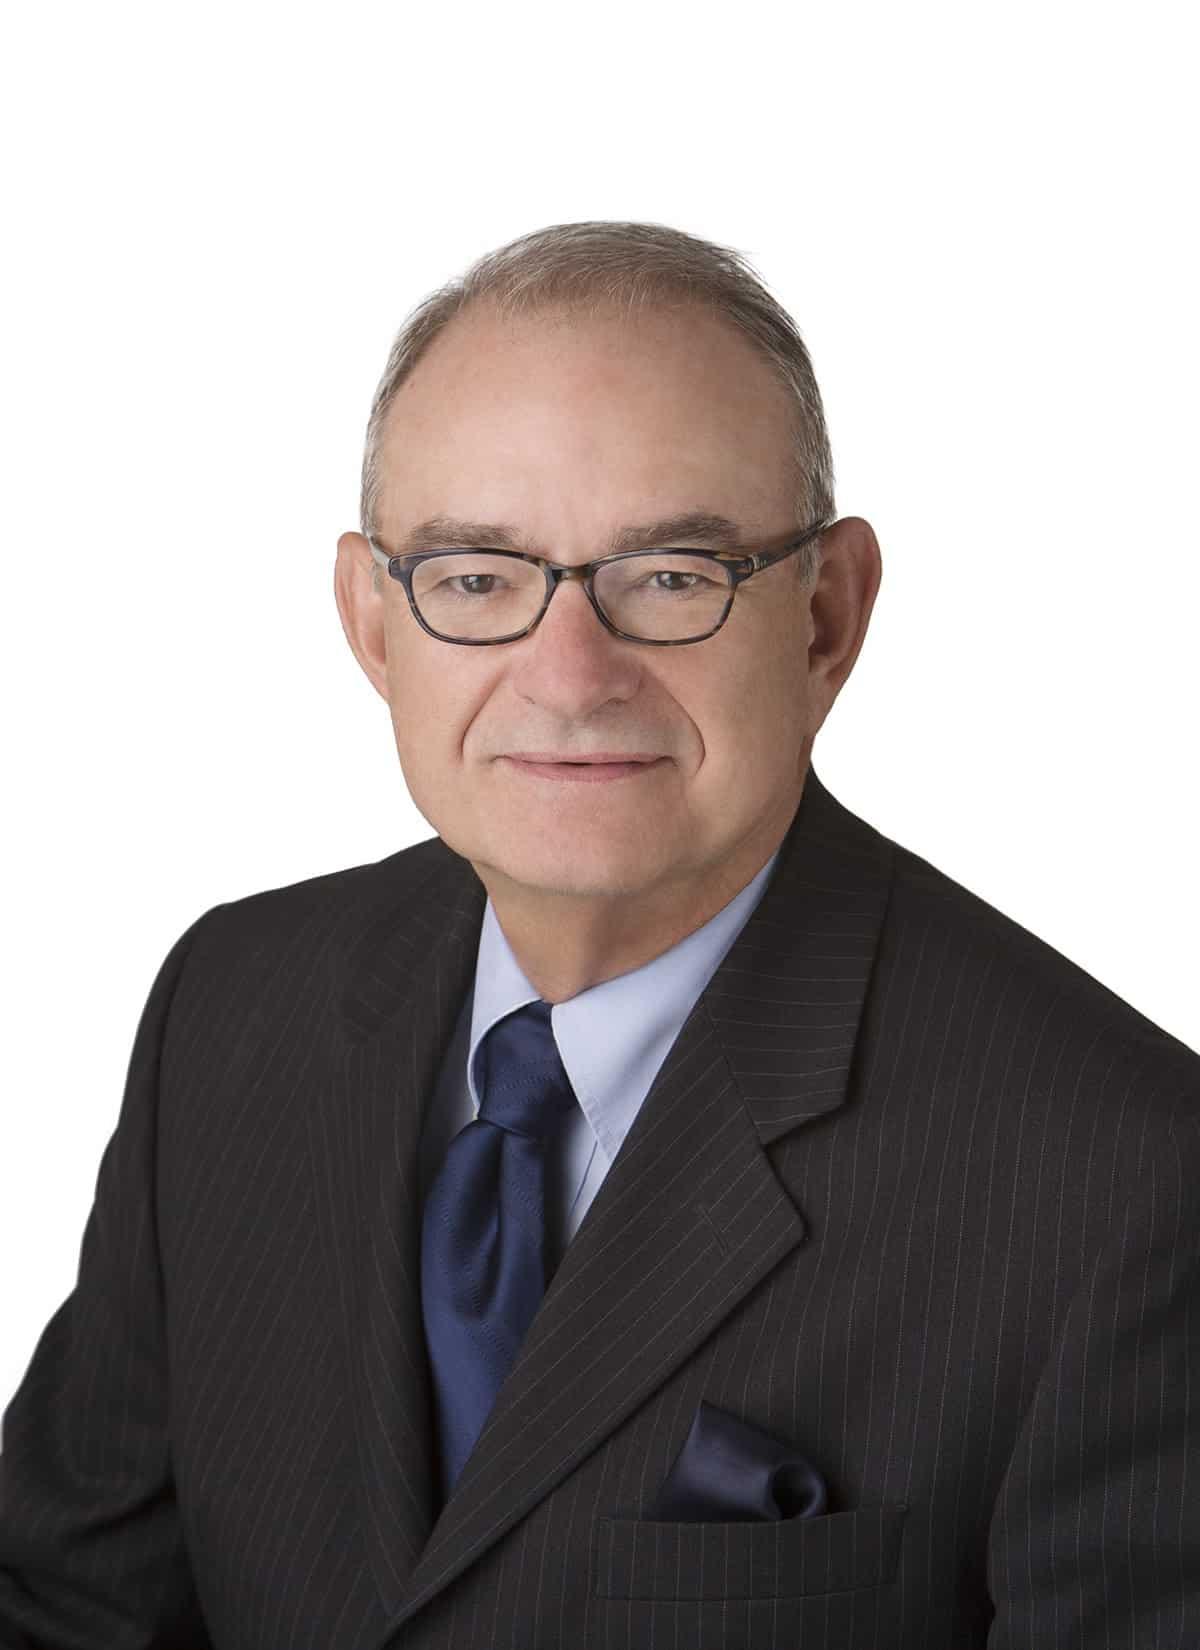 Dennis Huffine